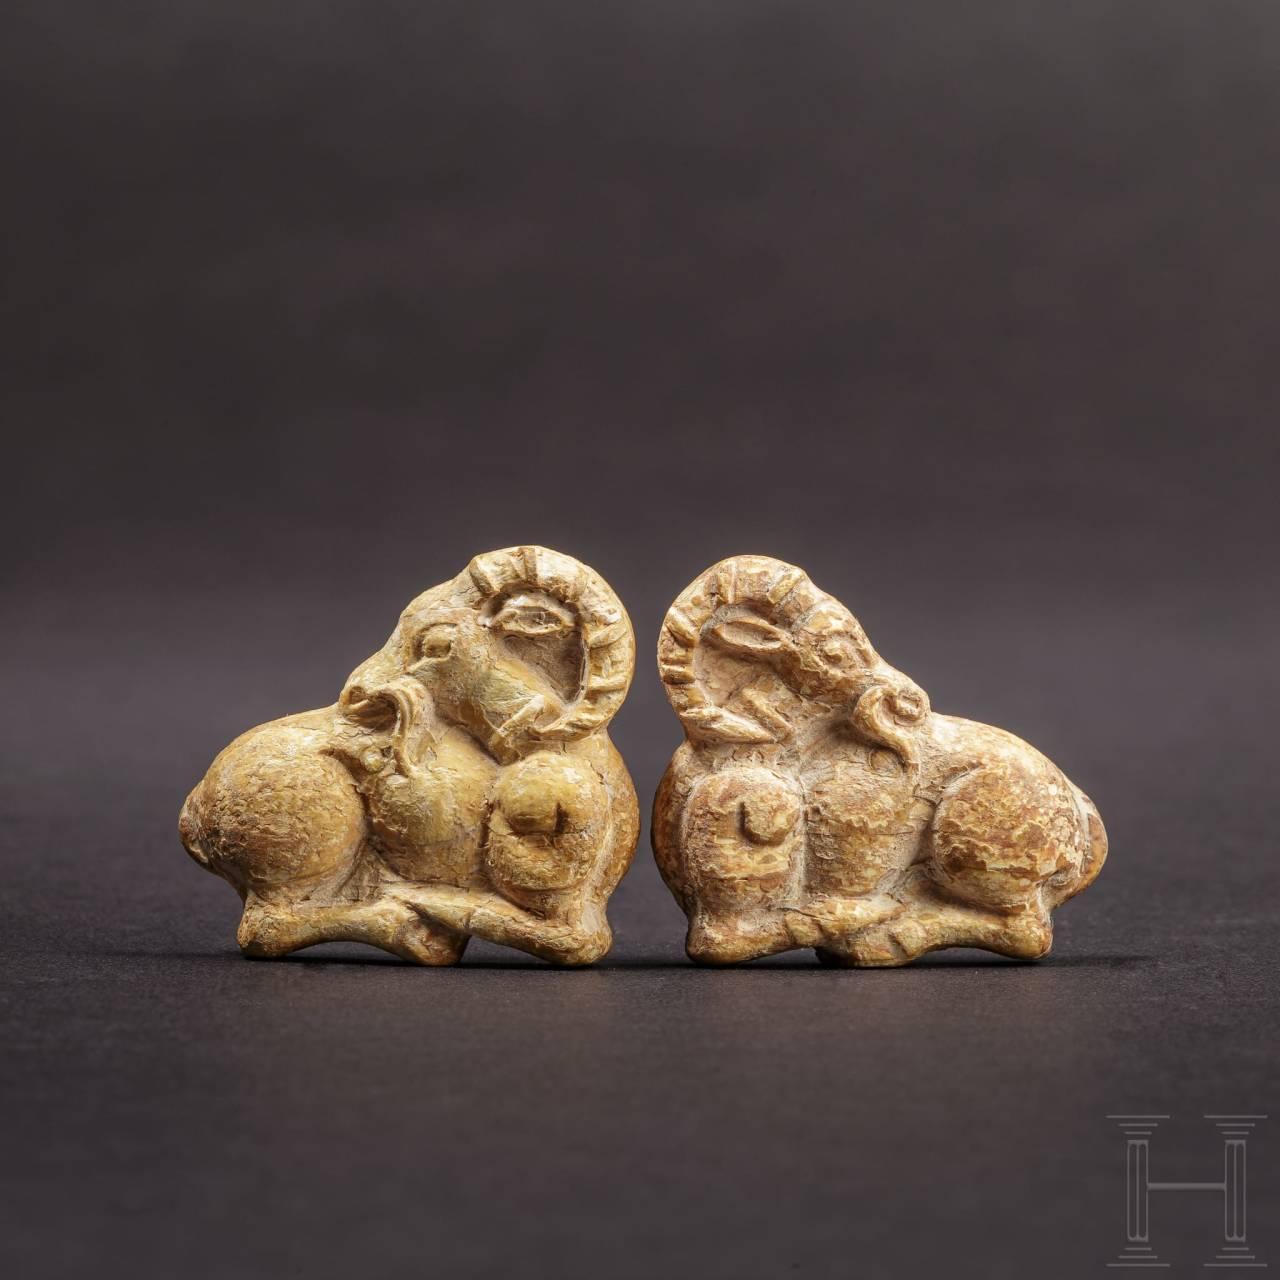 Ein Paar Steinbockappliken, Bein, achämenidisch, 5. - 4. Jhdt. v. Chr.